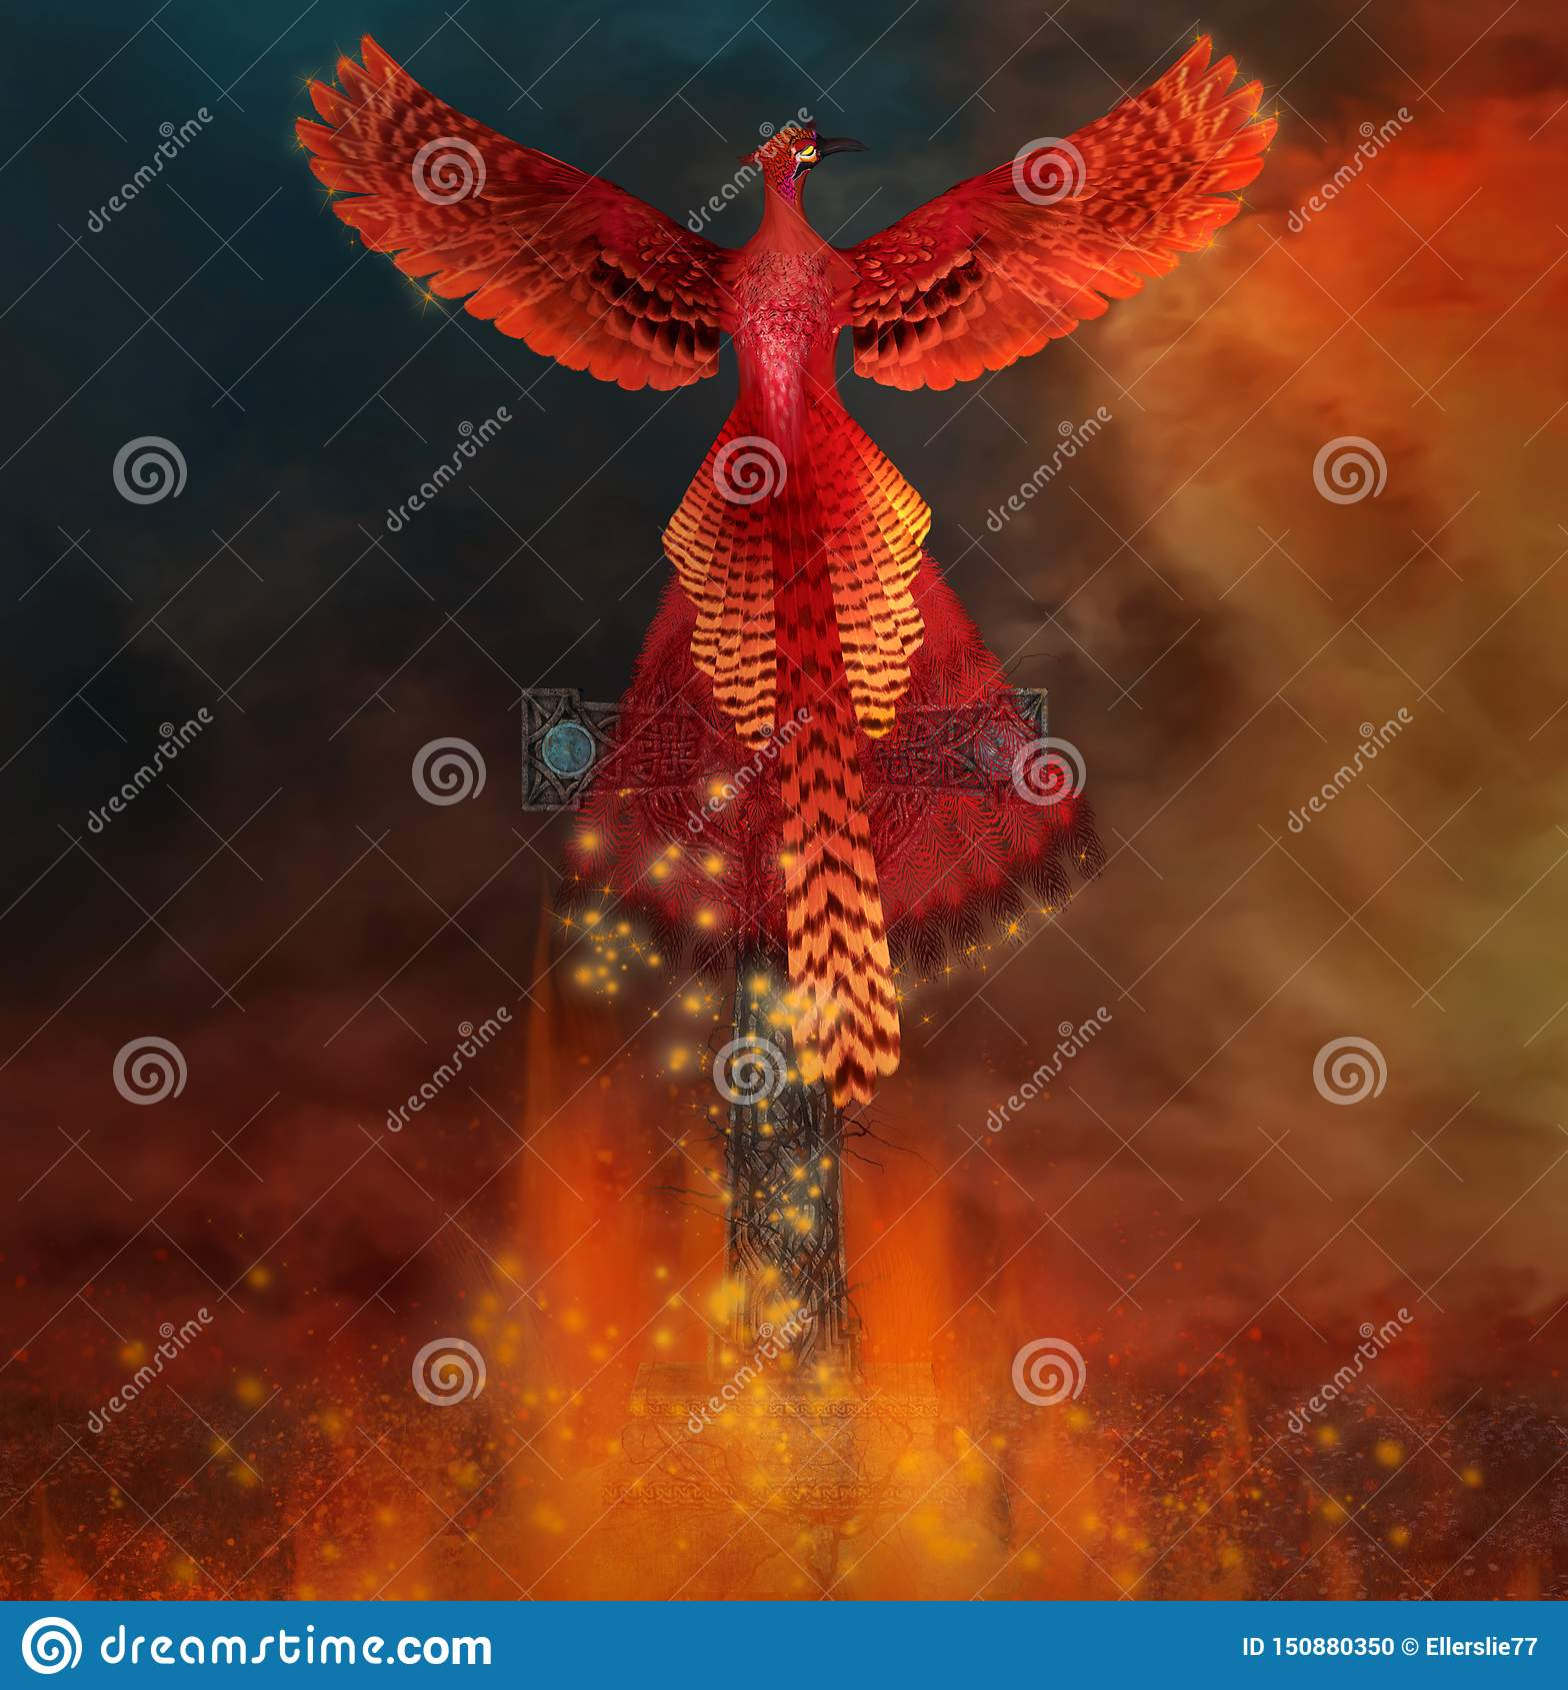 Phoenix Arising